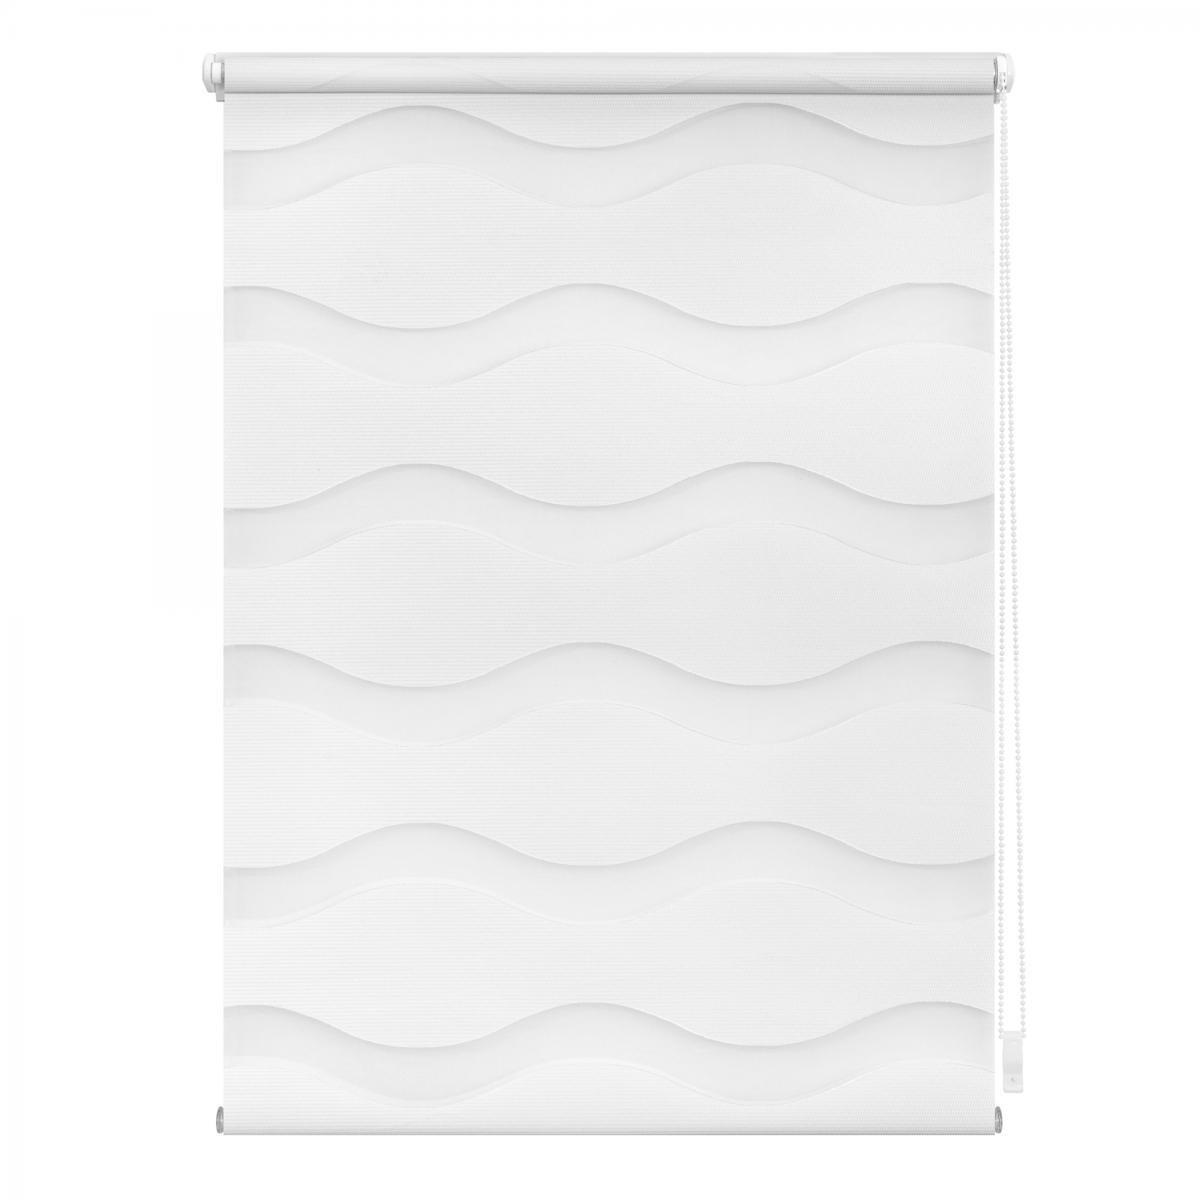 Bild 4 von Lichtblick Duo Rollo Welle Klemmfix, ohne Bohren, Weiß, 80 cm x 150 cm (B x L)